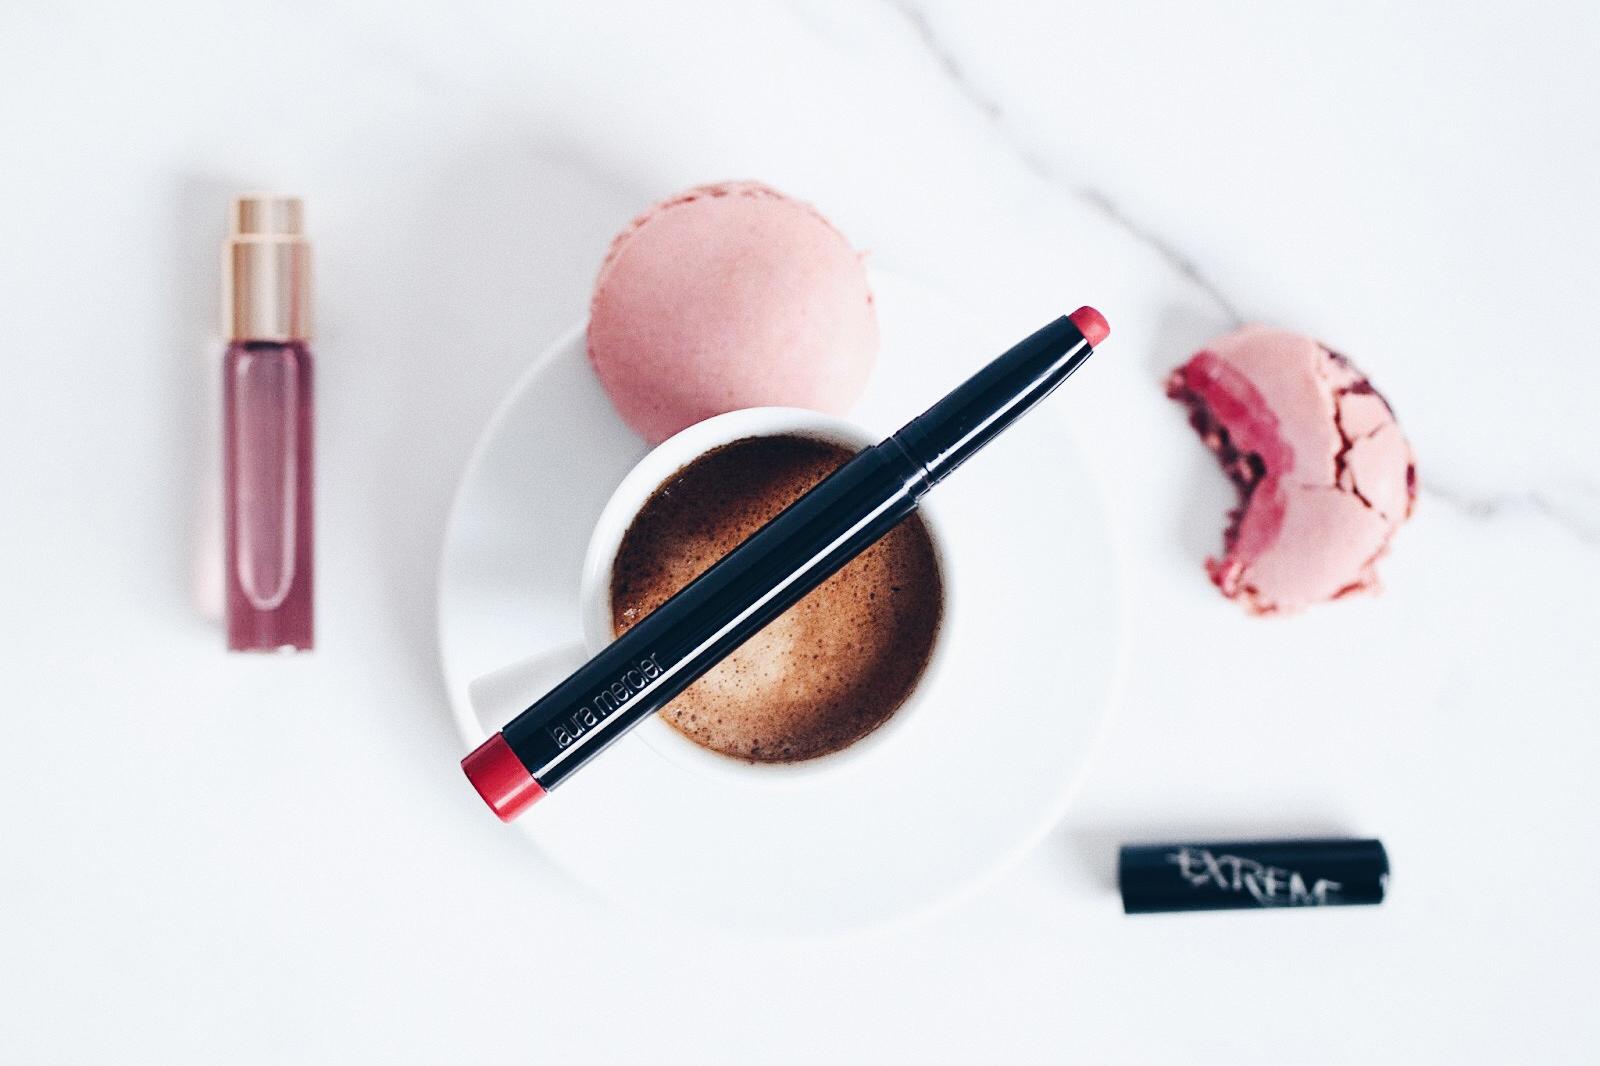 laura mercier velour extreme matte lipstick rouge à lèvres crayon mat avis test swatches swatch toutes les teintes couleurs